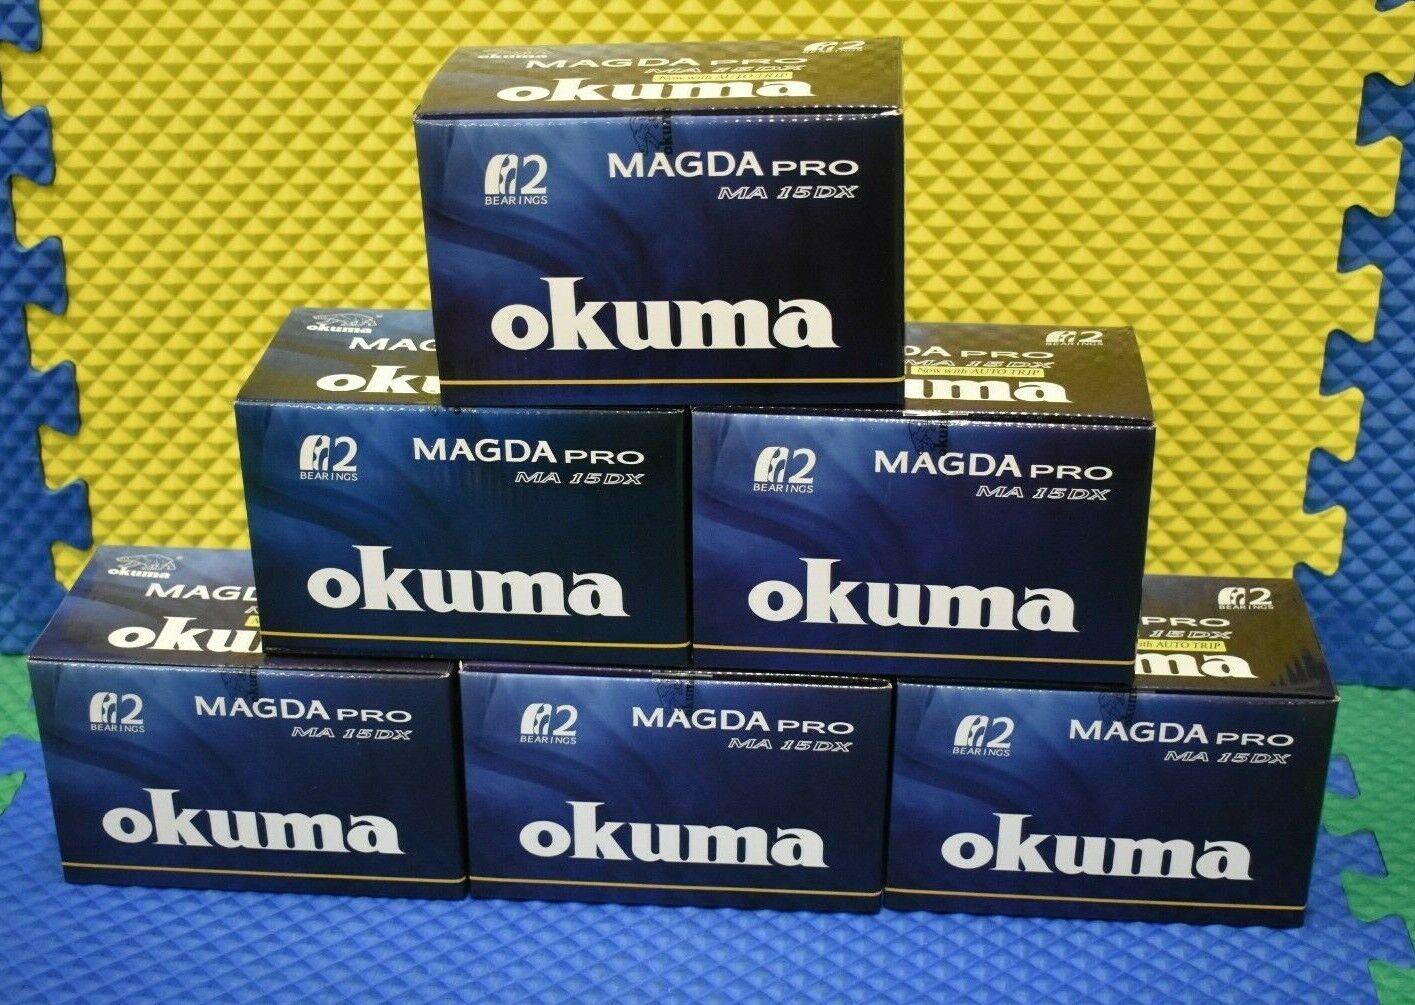 Okuma Magda Pro Line Contador Trolling Cocherete Con Auto Viaje MA15DX 6 Pack